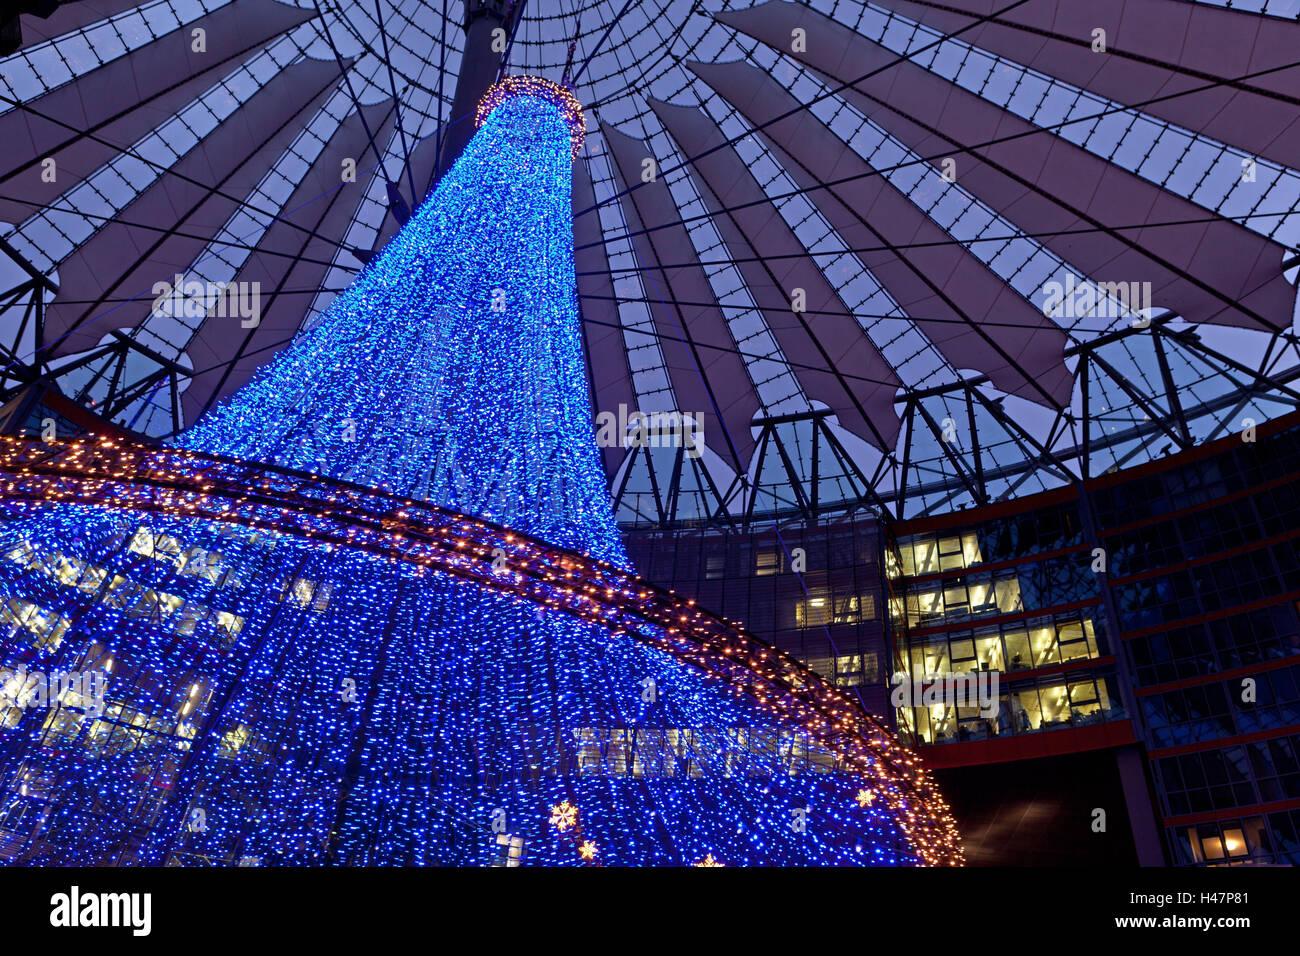 Deutschland, Berlin, Potsdamer Platz, Sony Center, Modernen  Weihnachtsbeleuchtung, Abend, Abenddämmerung, Abendstimmung, Advent,  Adventszeit, Architektur, ...